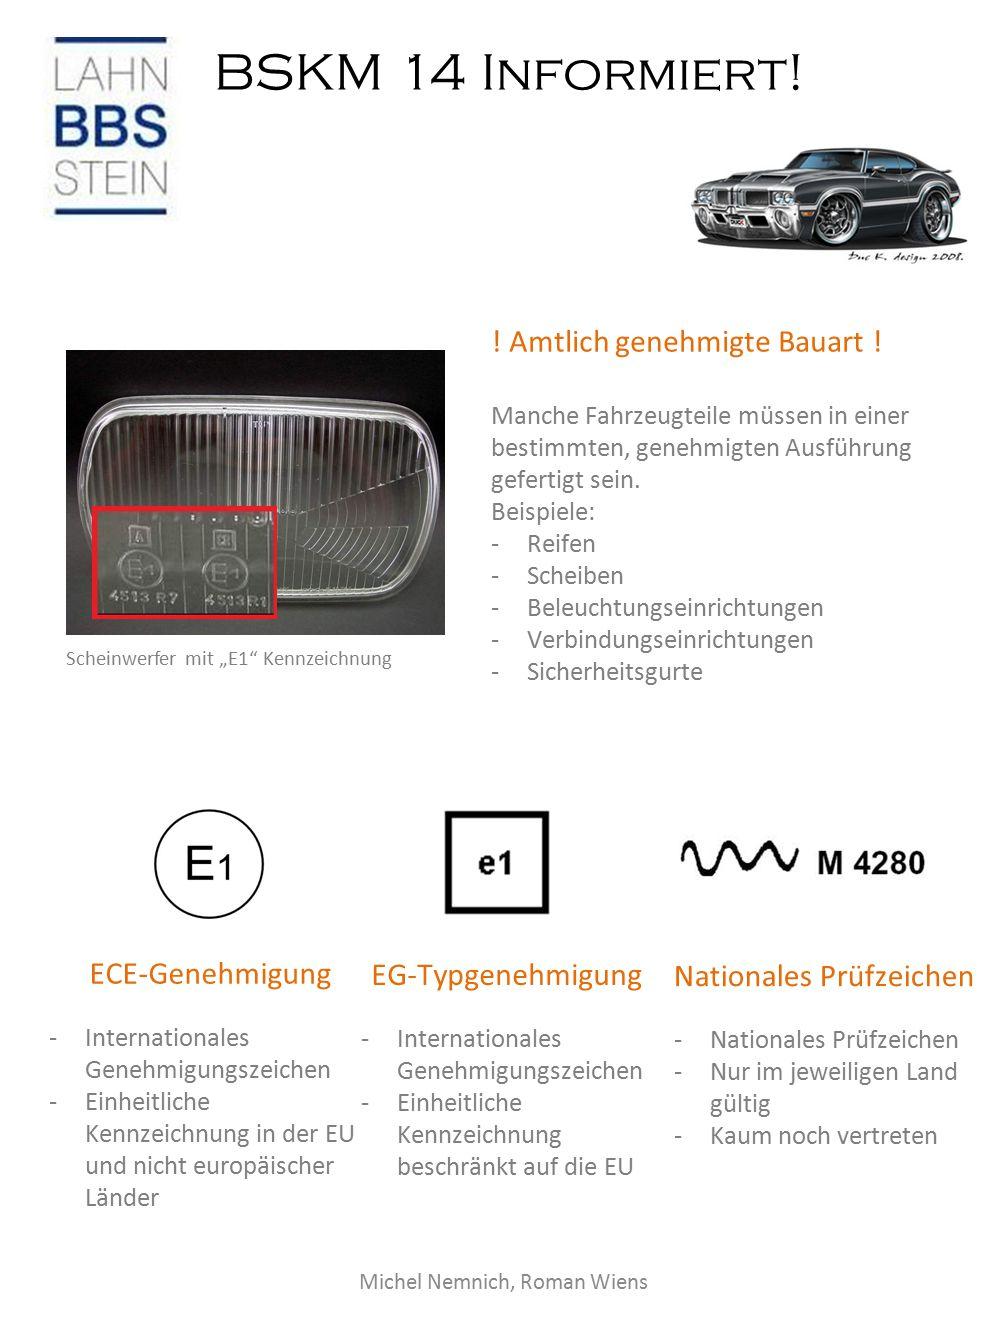 """BSKM 14 Informiert.Michel Nemnich, Roman Wiens Scheinwerfer mit """"E1 Kennzeichnung ."""